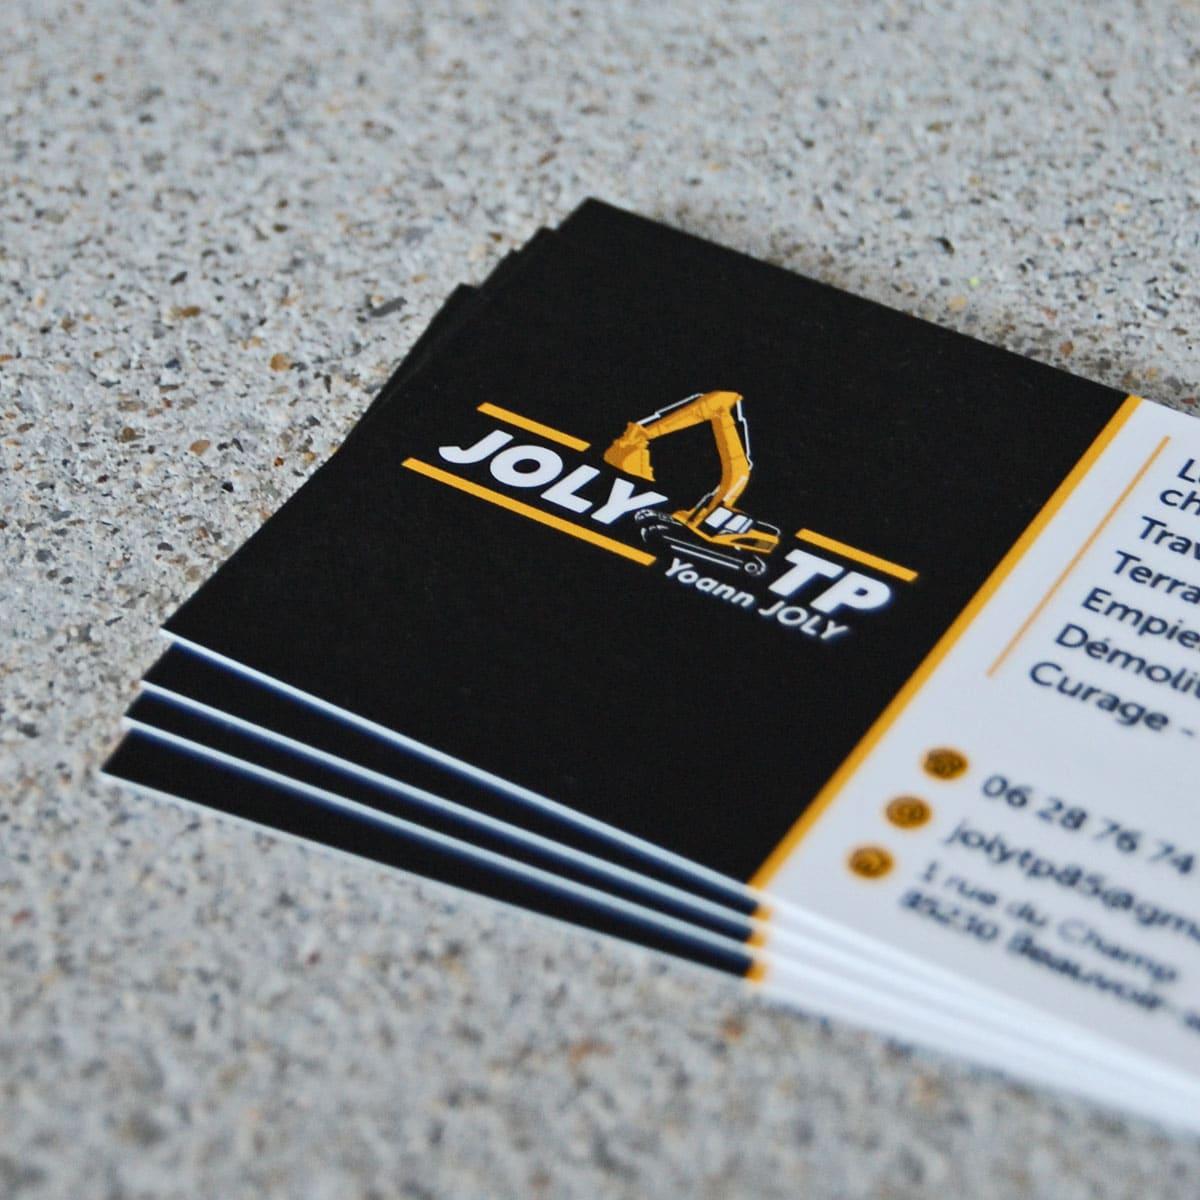 Création de logo - Joly TP à Beauvoir sur Mer